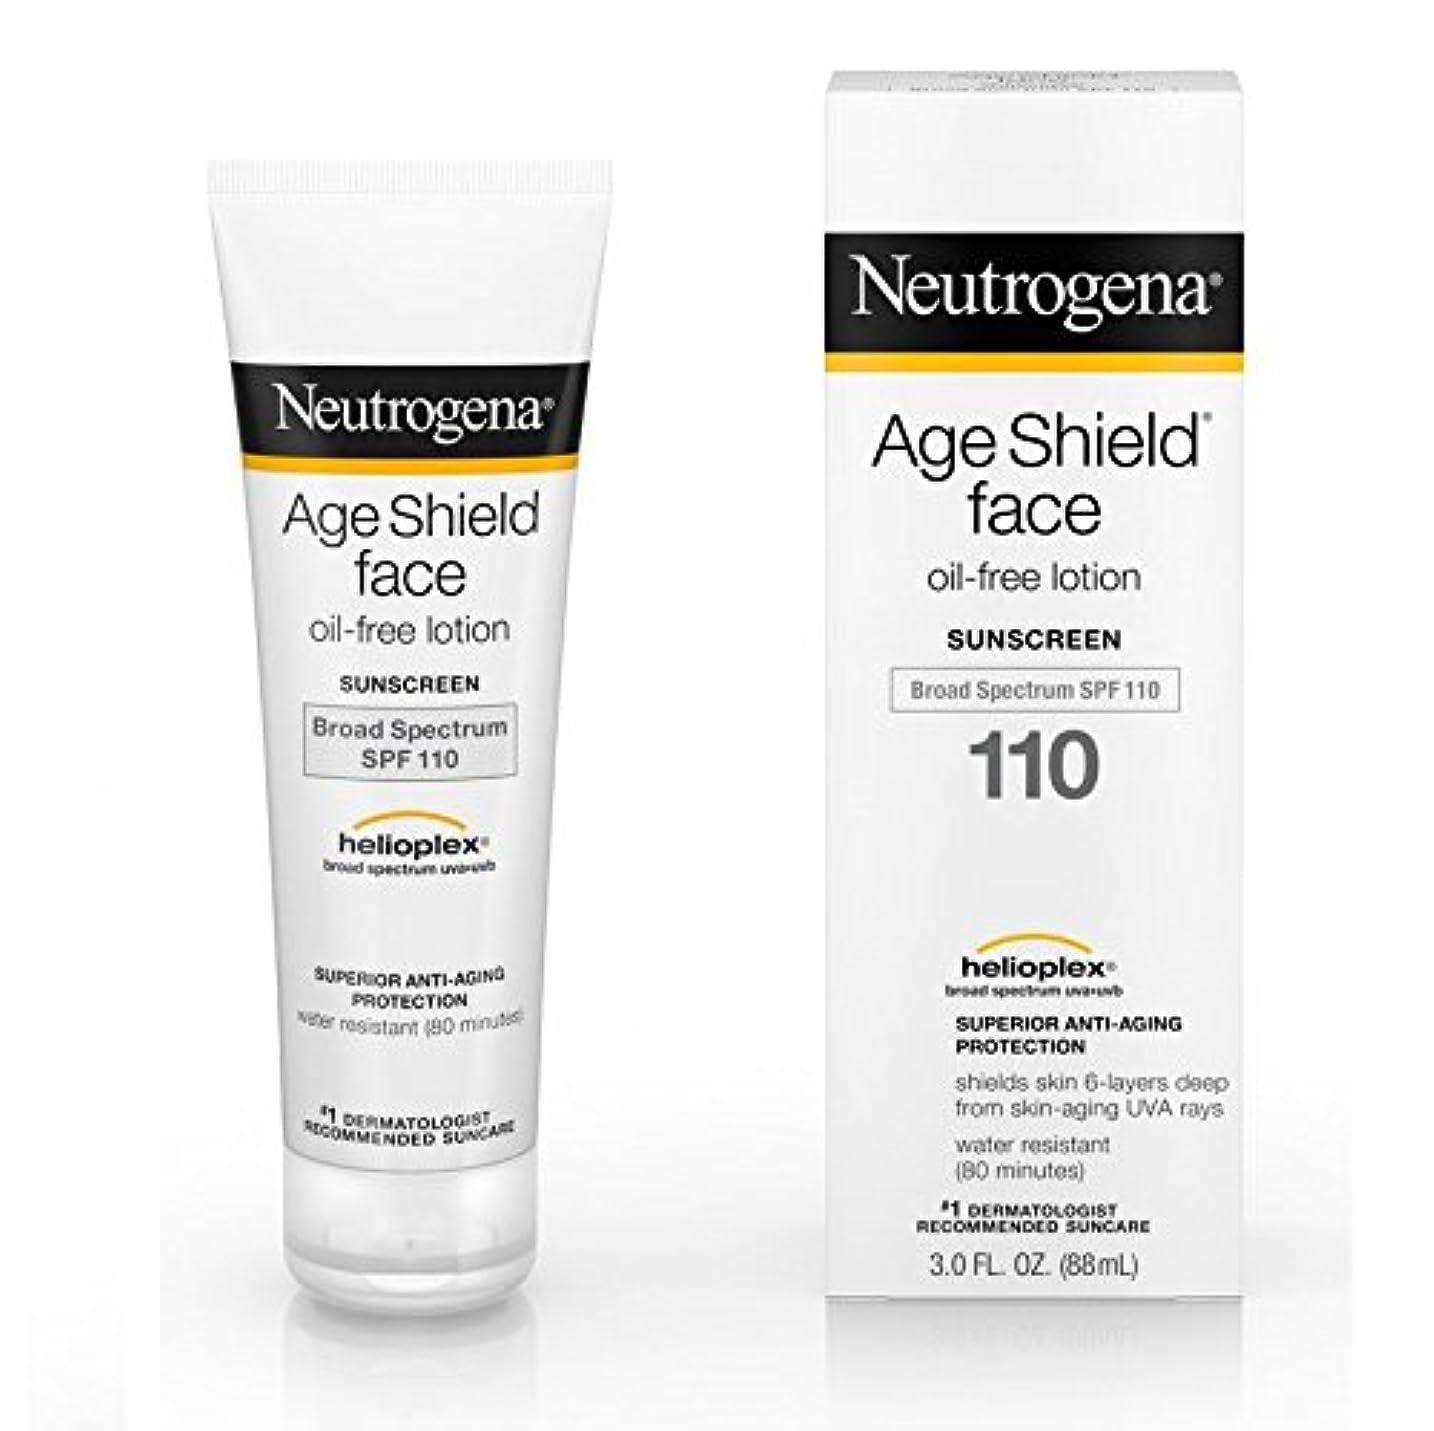 超えるナプキン文言【海外直送品】Neutrogena Age Shield® Face Oil-Free Lotion Sunscreen Broad Spectrum SPF 110 - 3 FL OZ(88ml)